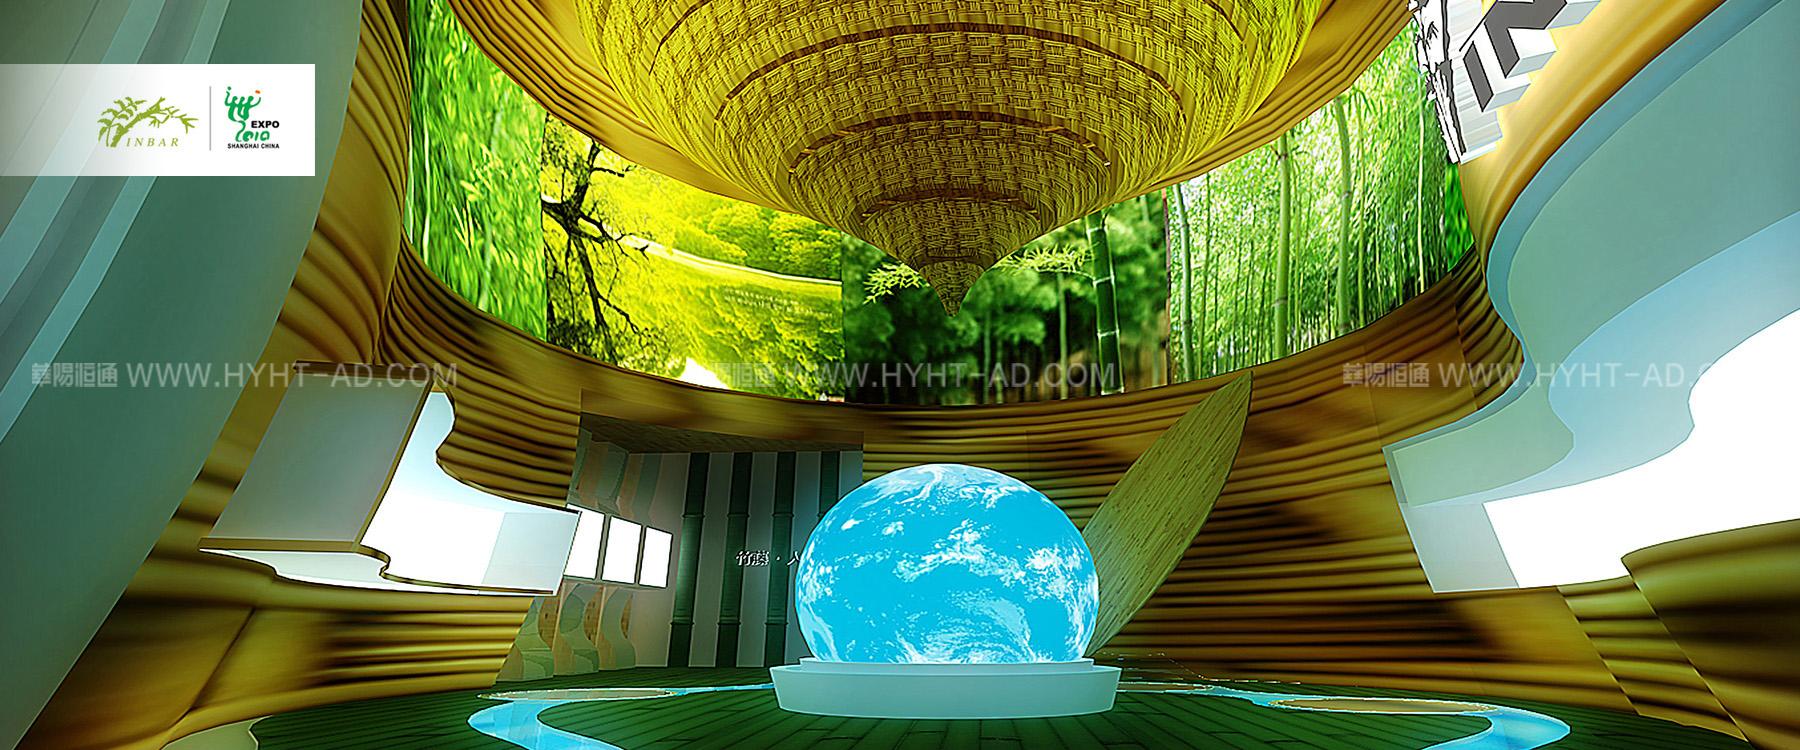 上海世博会国际竹藤组织馆